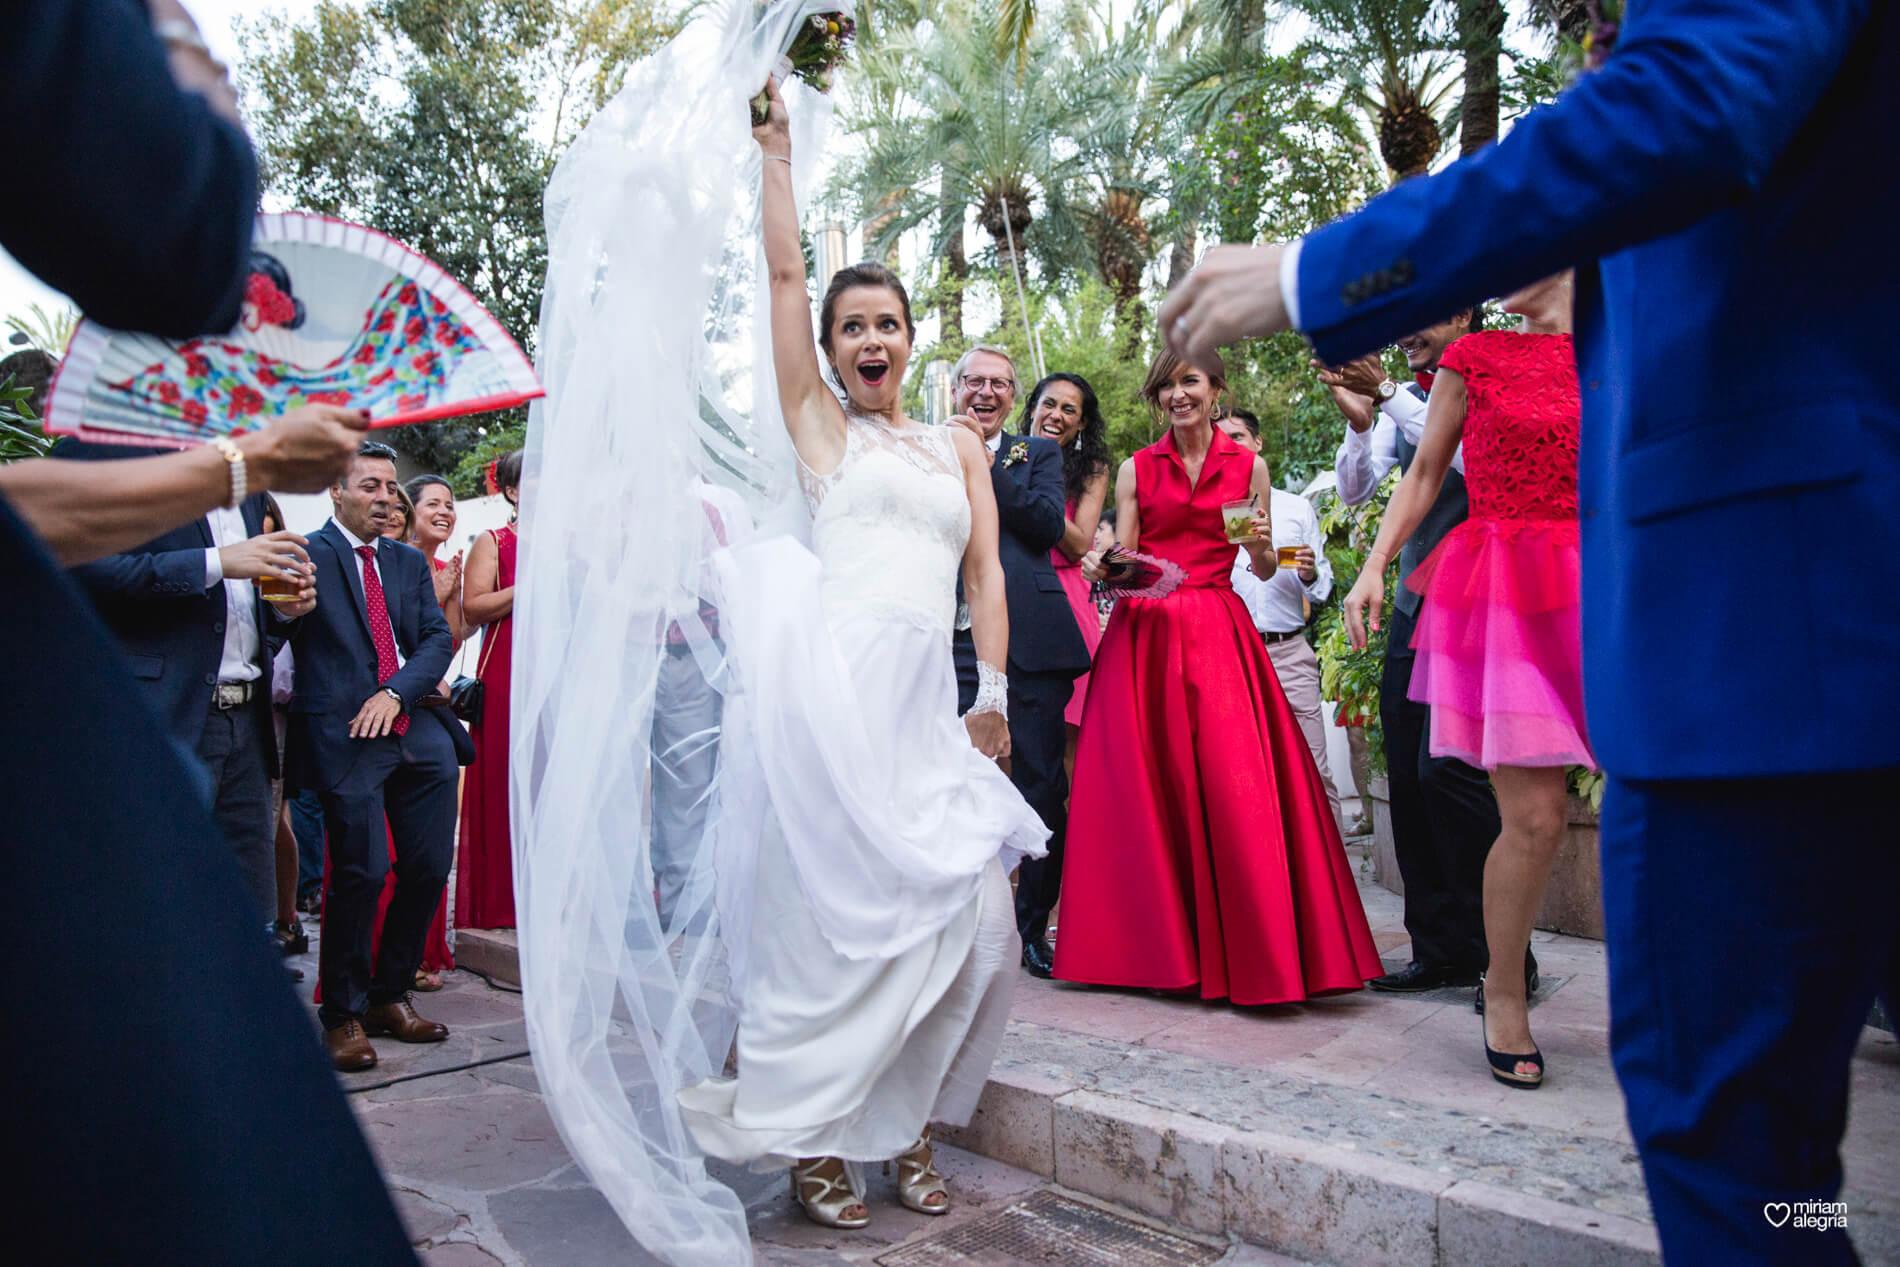 wedding-huerto-del-cura-elche-miriam-alegria-fotografos-boda-61